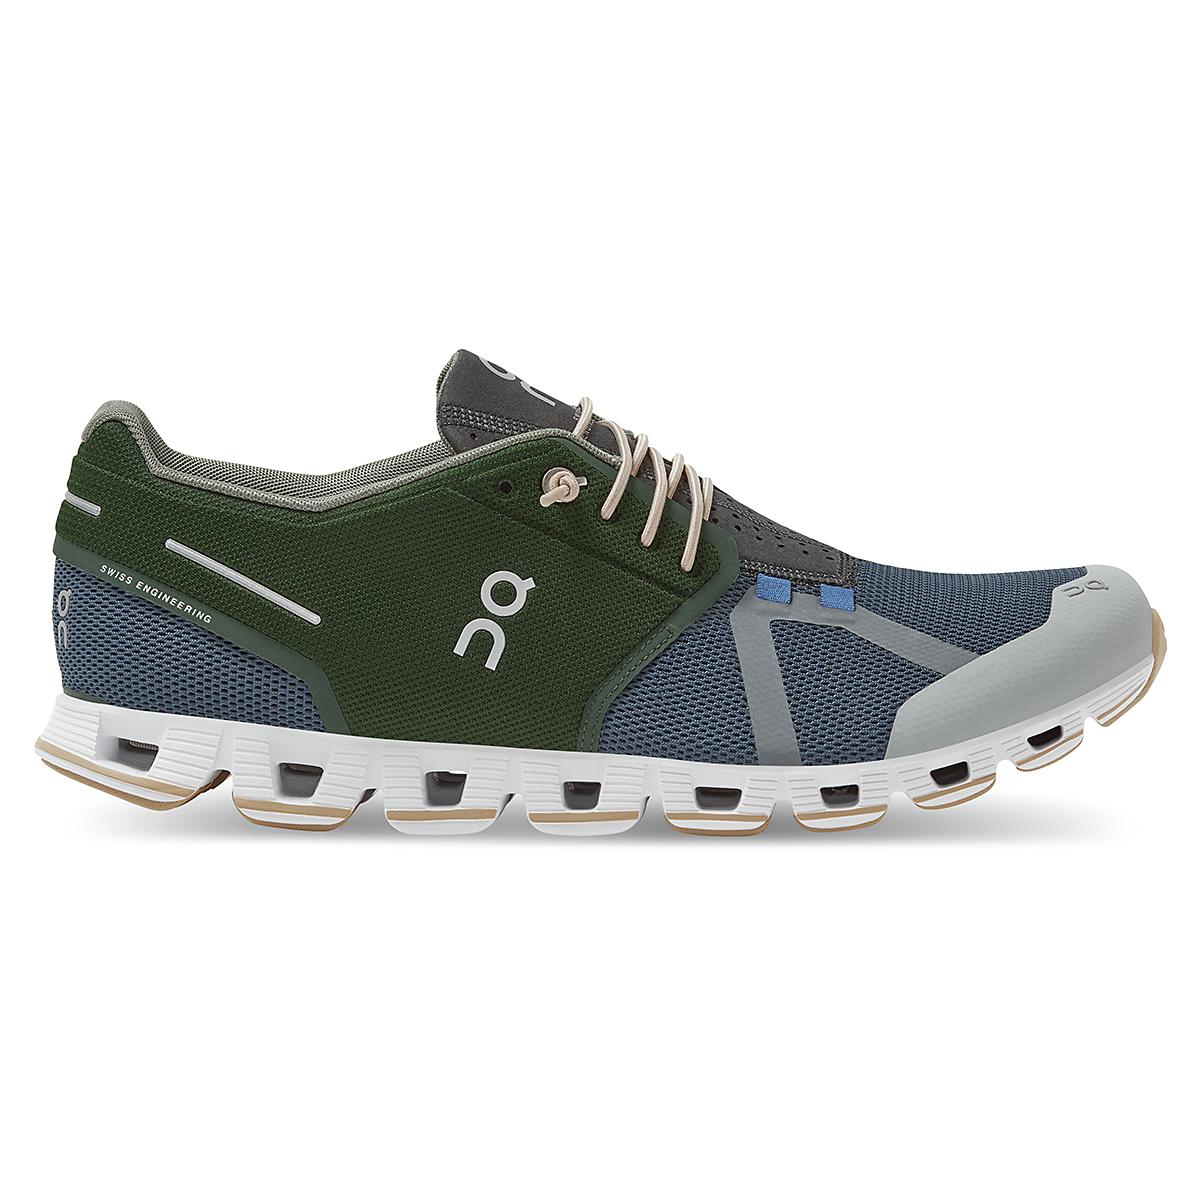 Men's On Cloud 70/30 Lifestyle Shoe - Color: Cactus/Storm - Size: 7 - Width: Regular, Cactus/Storm, large, image 1